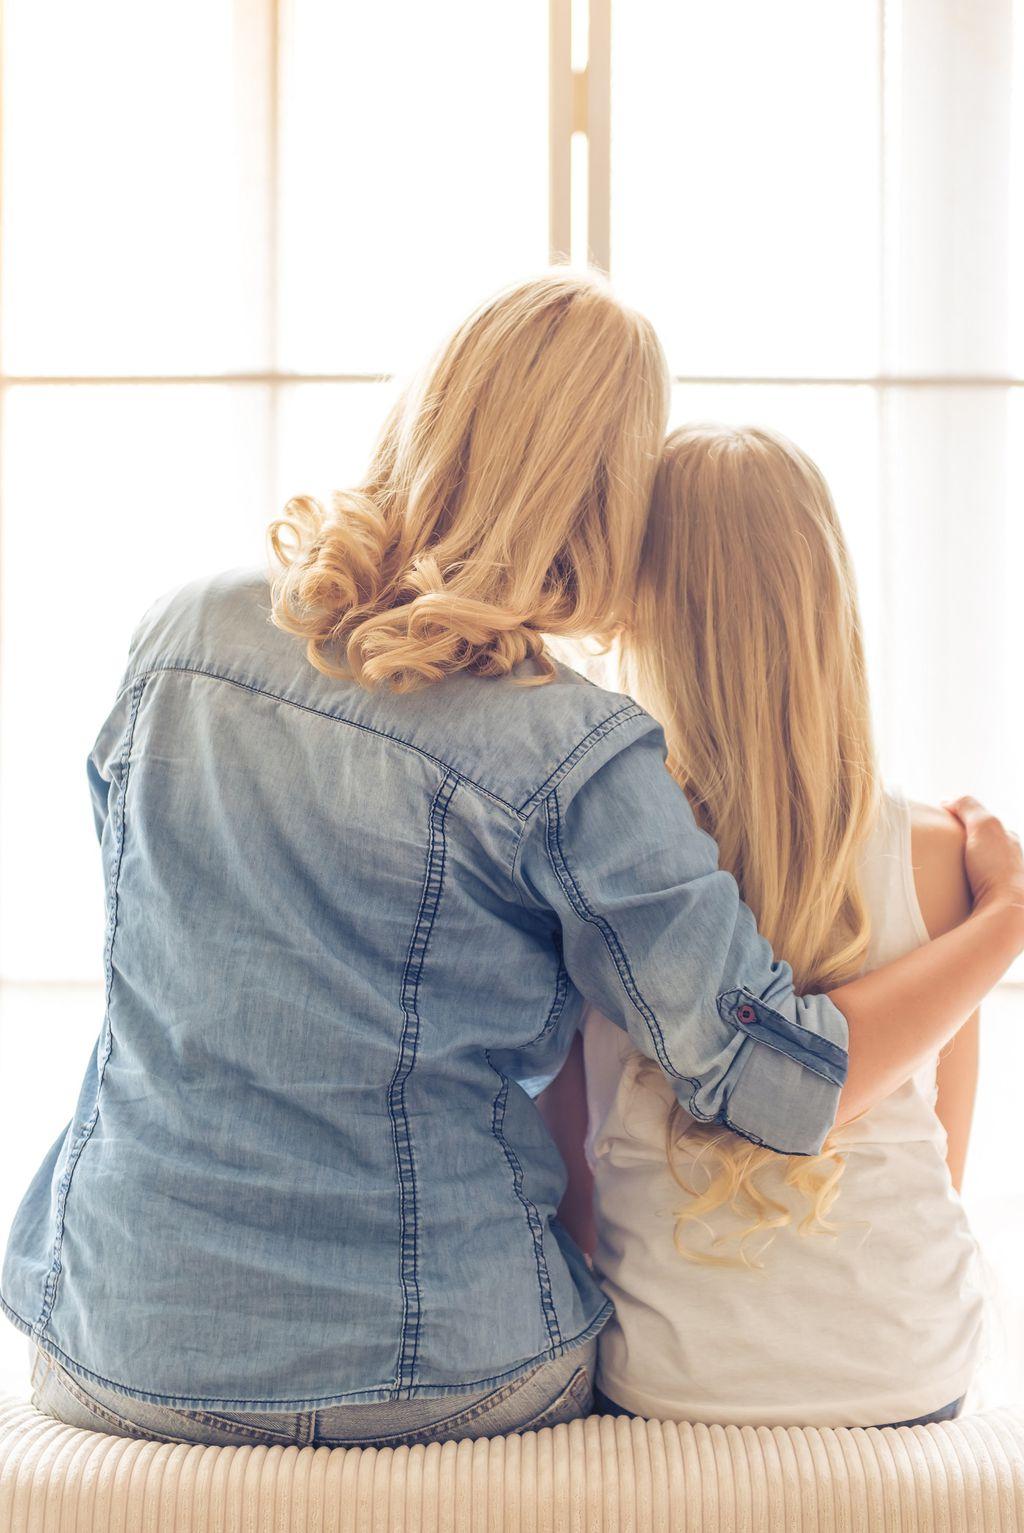 Jedan od problema s kojima se tinejdžeri teško nose su akne